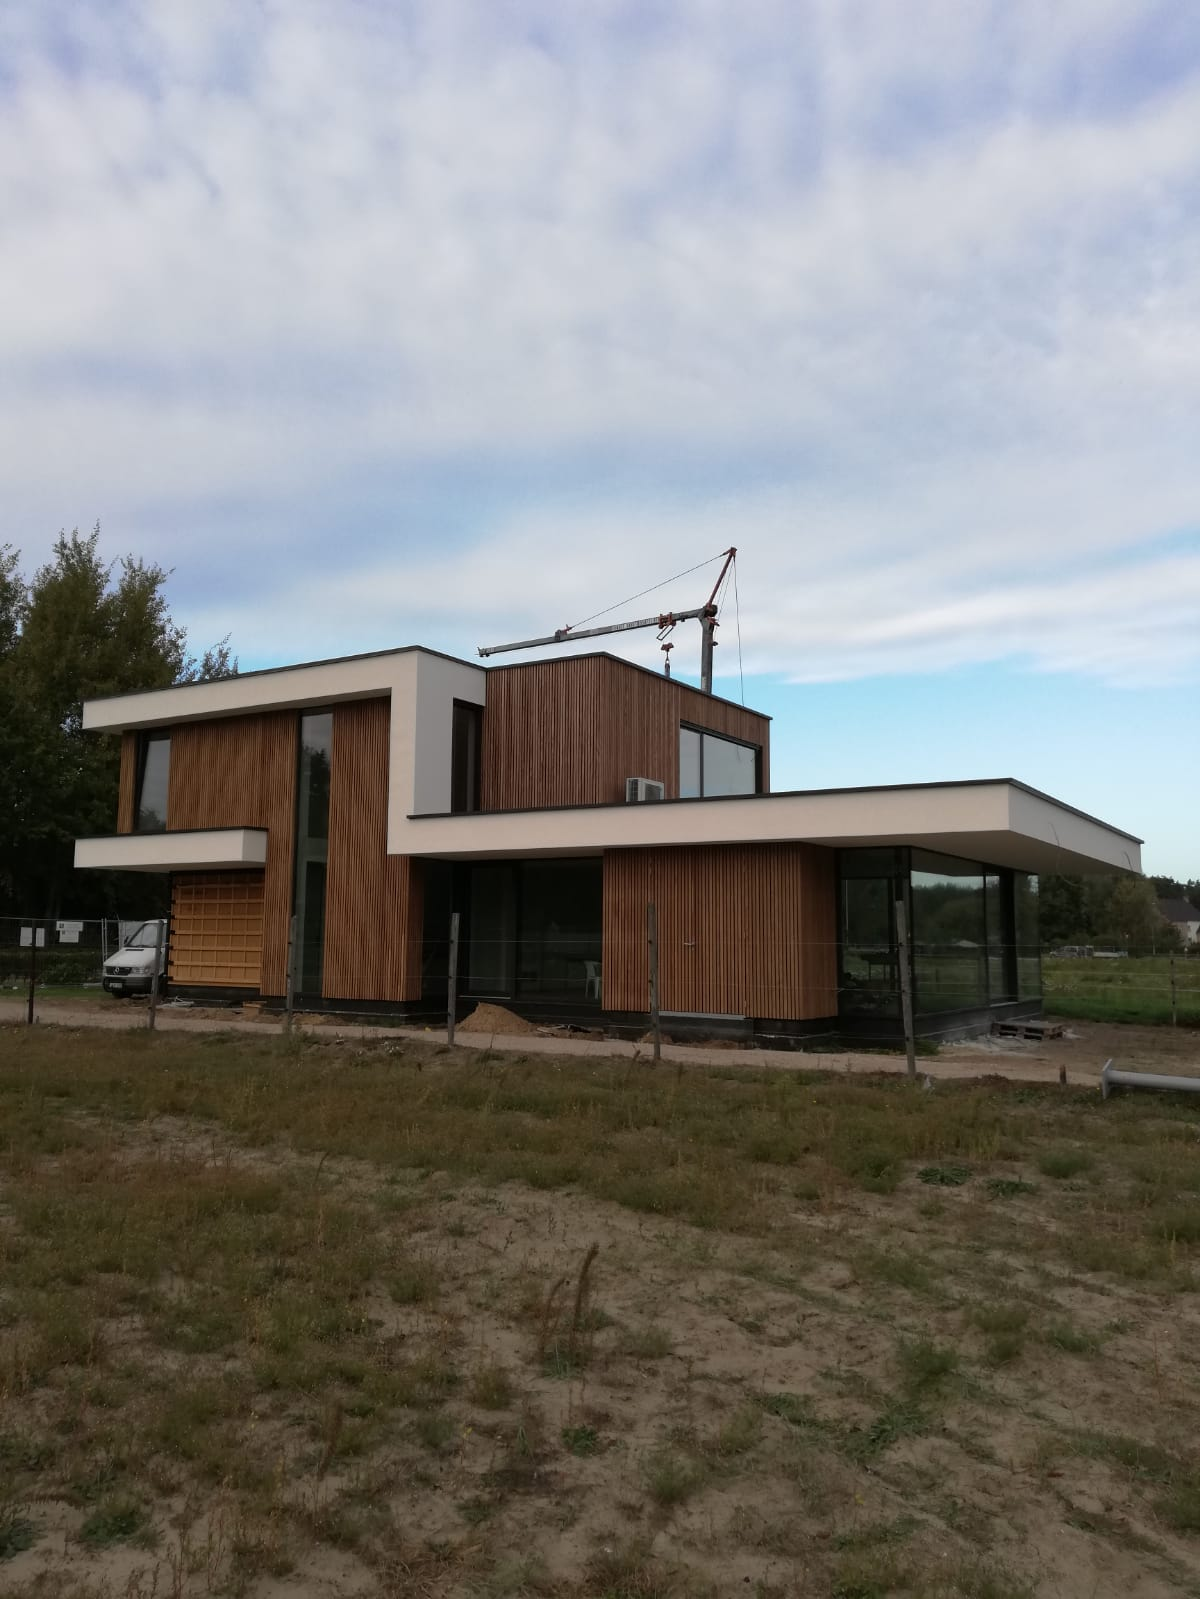 Construeren en plaatsen van een nieuwbouw eengezinswoning in houtskelet